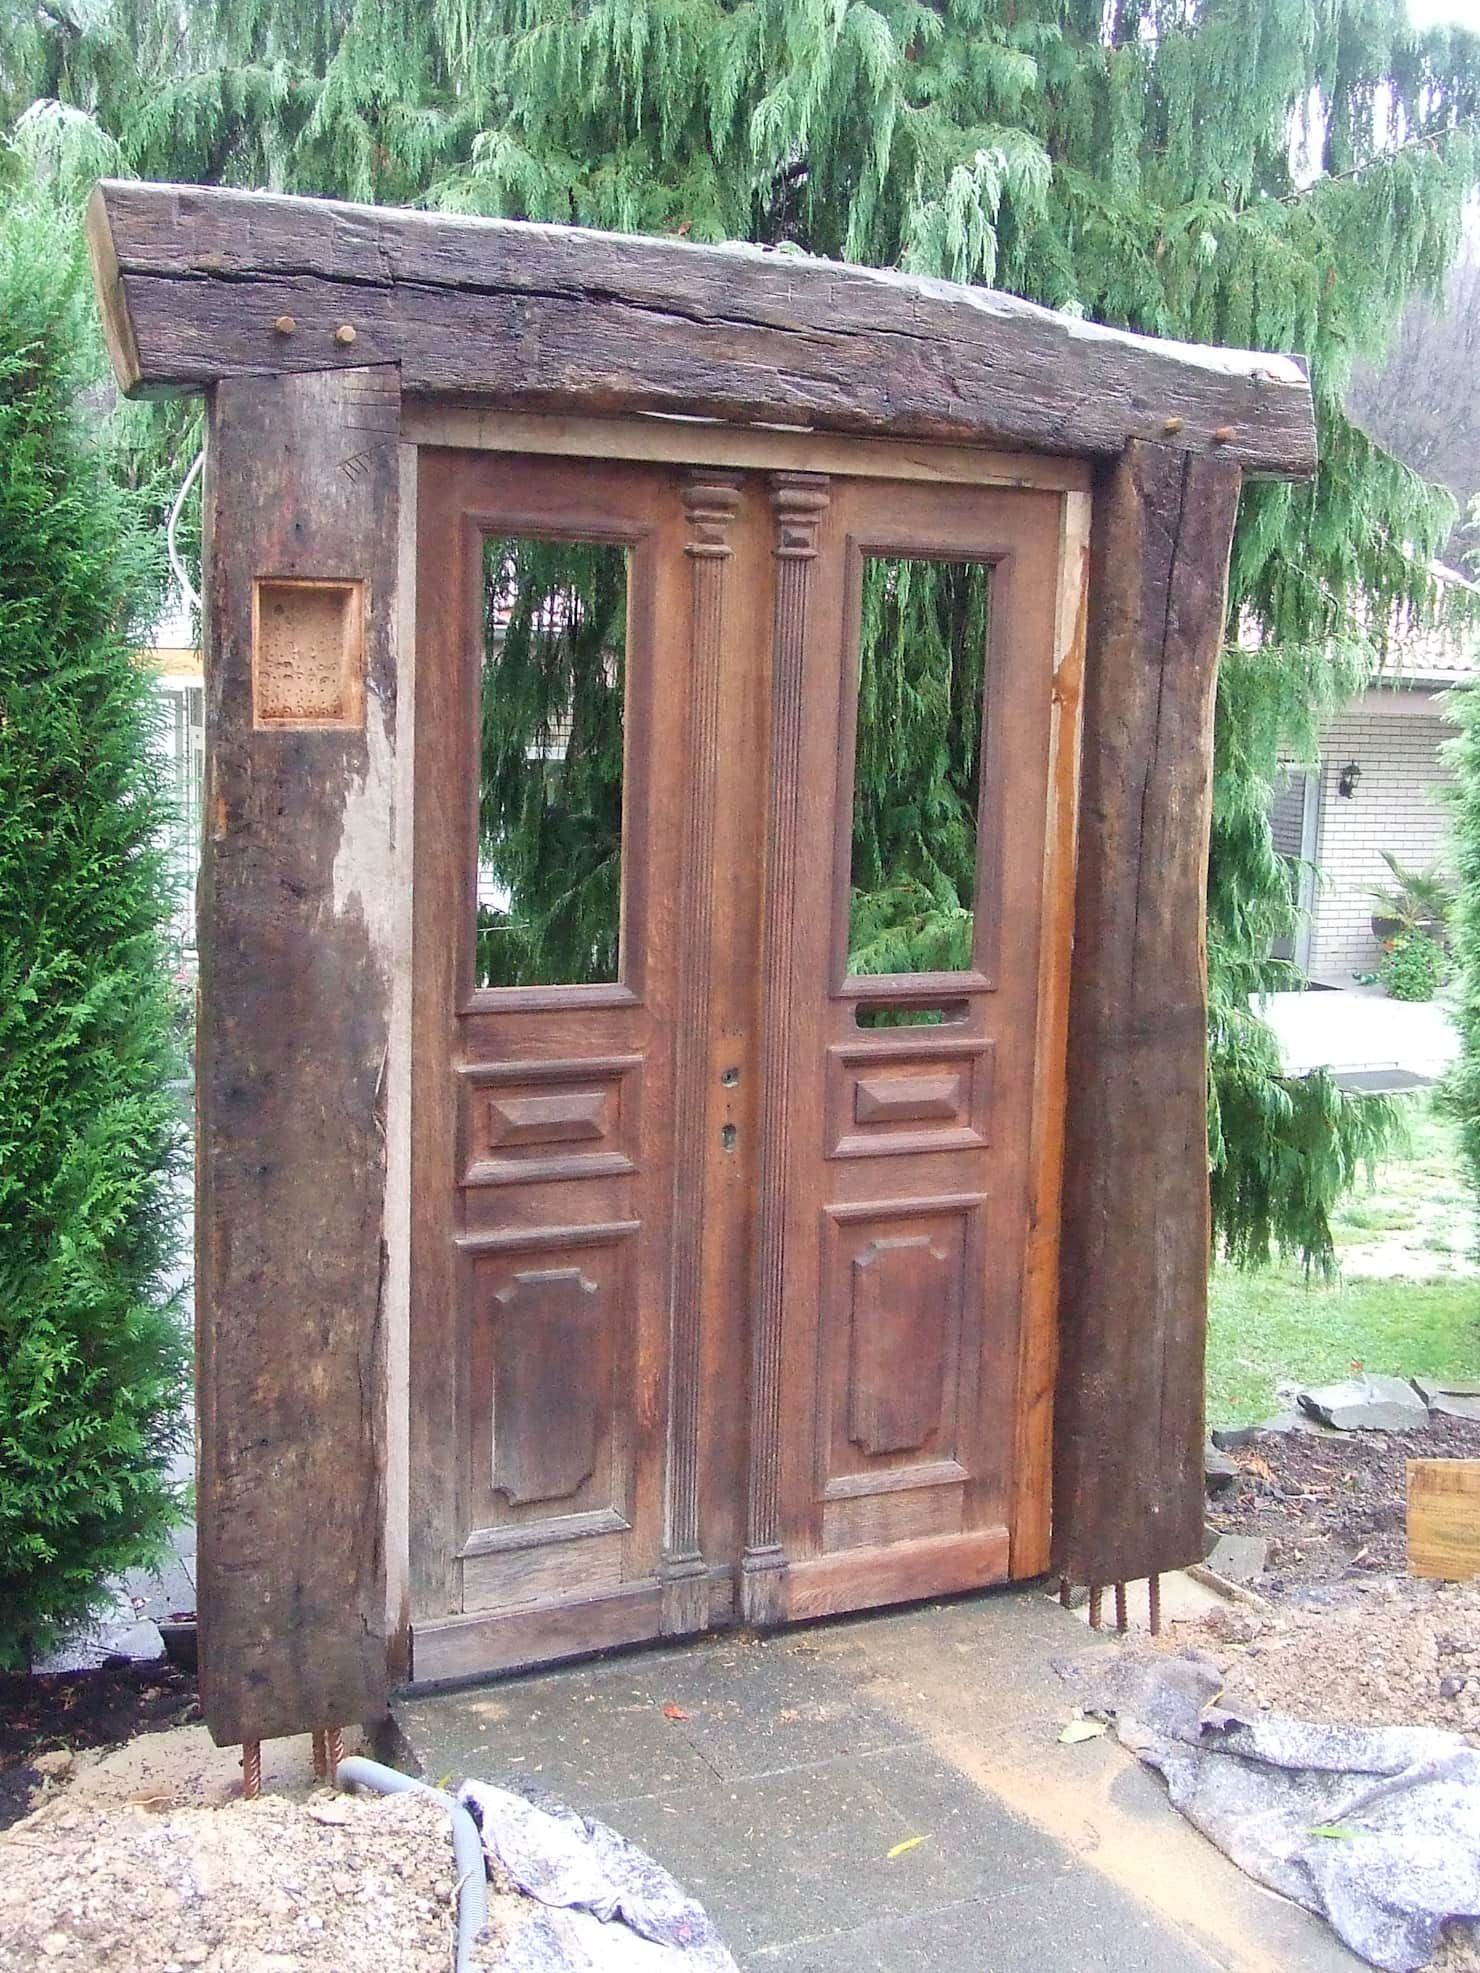 Garten Gestaltung Fachwerk Bau Recycled Holz Garten Im Landhausstil Von Chippie Landhaus Homify Gartengestaltung Garten Design Gartengestaltung Ideen